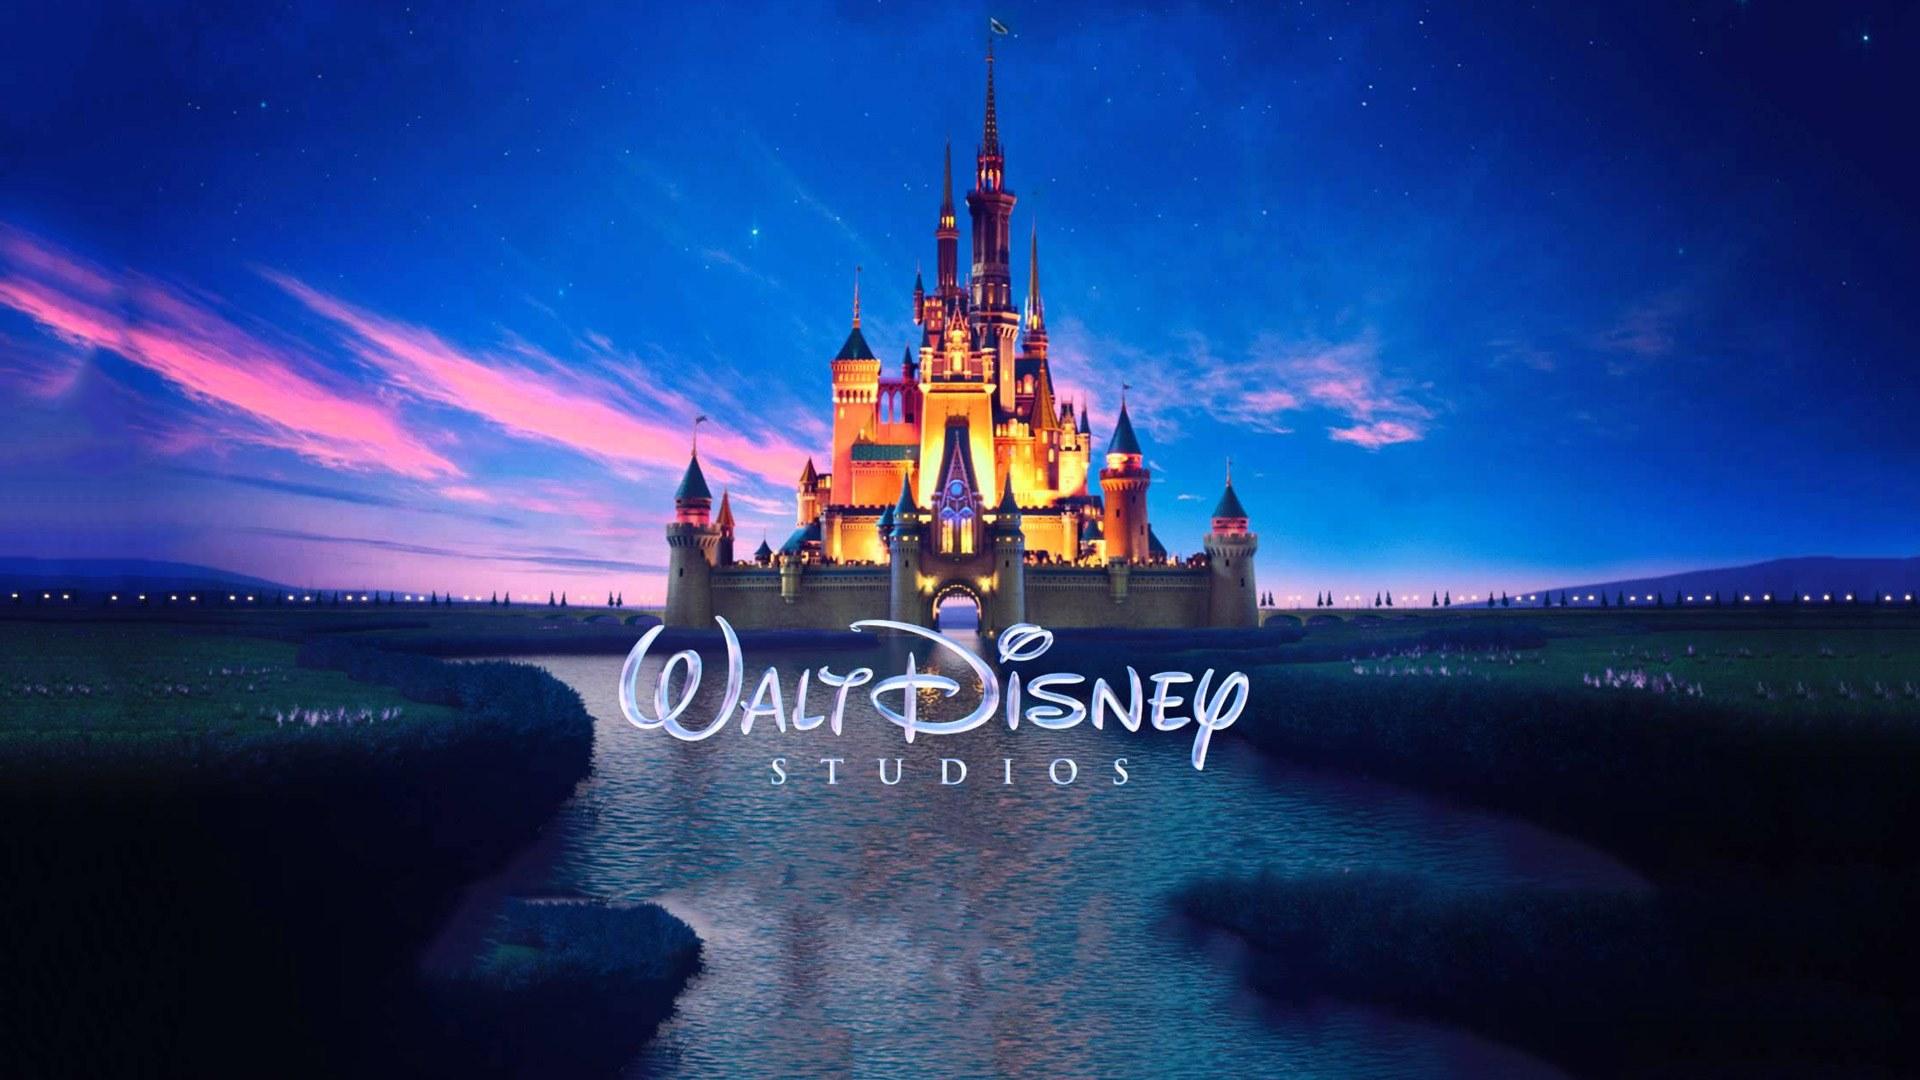 Hvis du har set alle de 100 bedst sælgende film, så har du set dette logo køre over skærmen hele 40 gange – næsten hver anden gang. (Foto: Disney)